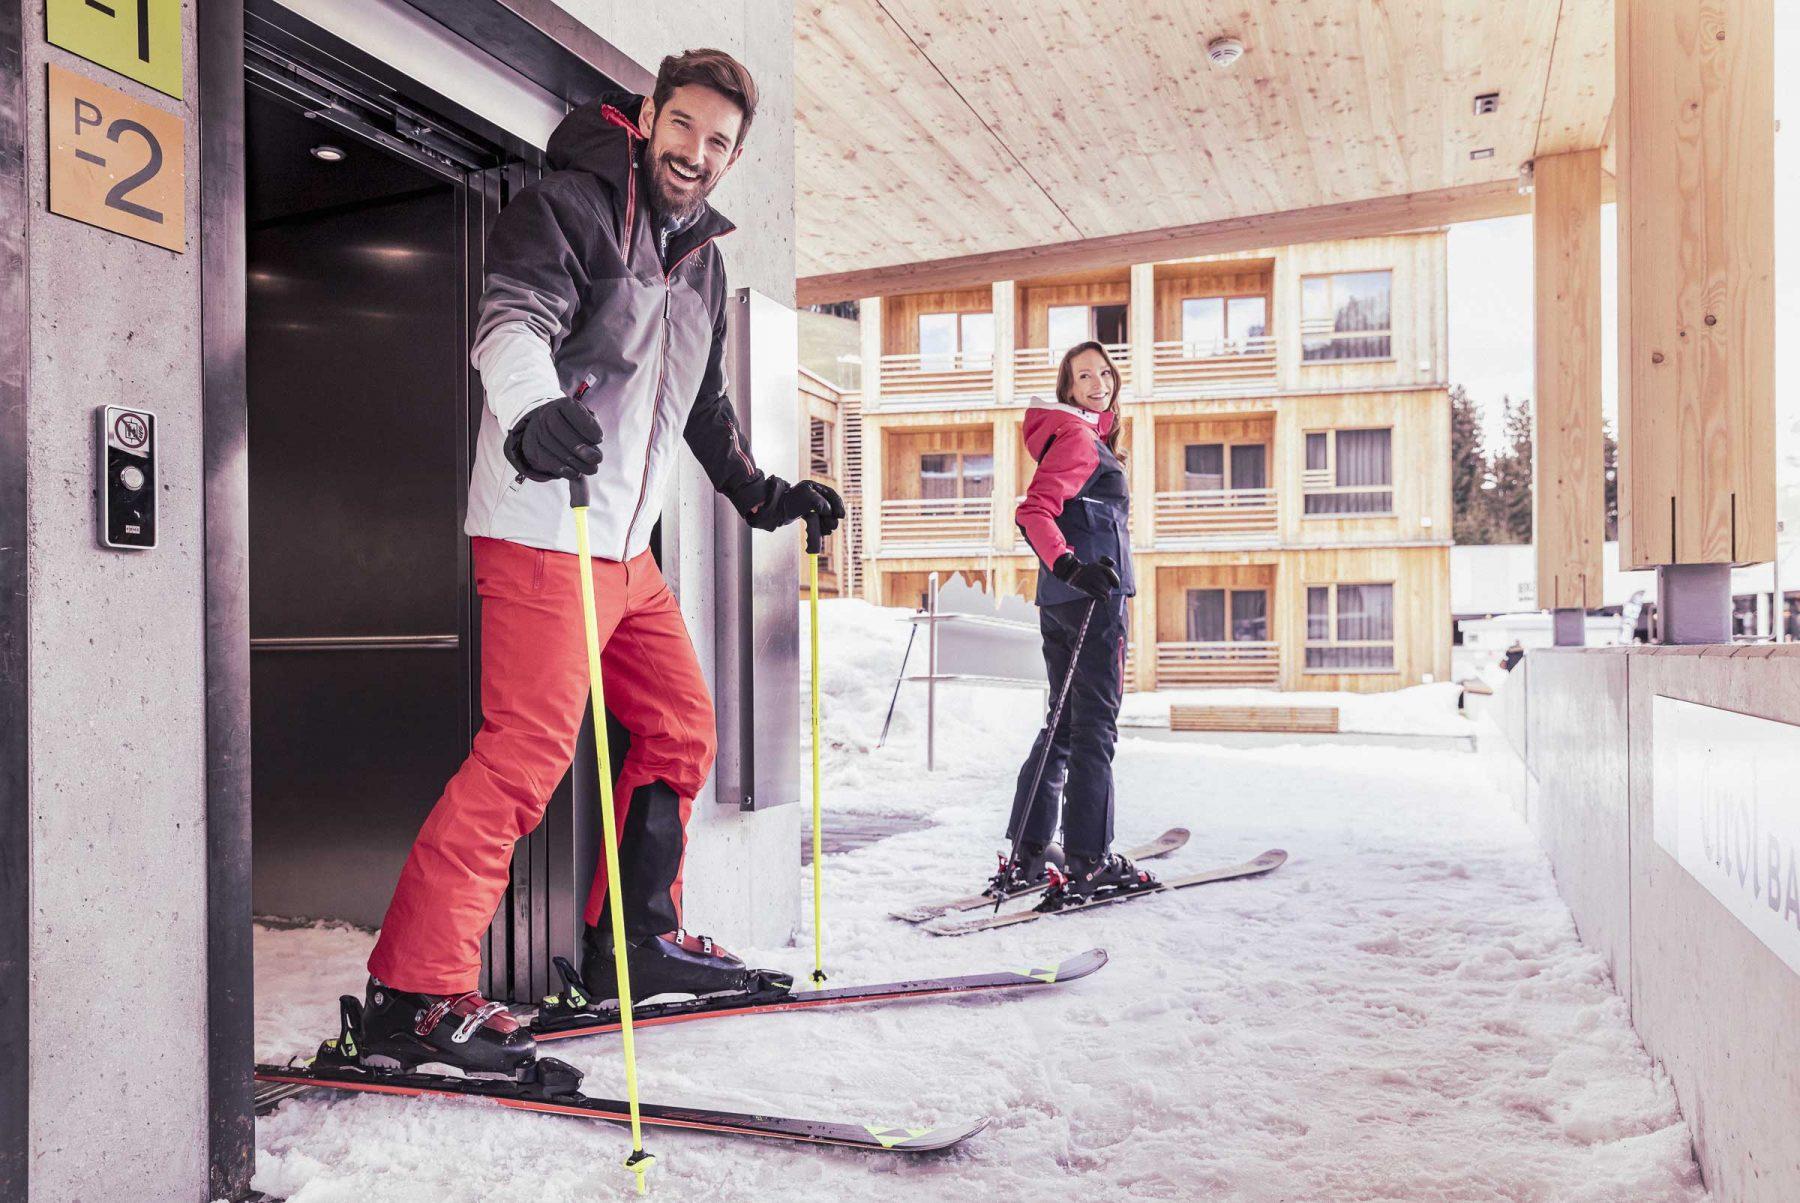 Pärchen fährt mit Skiern aus dem Lift direkt auf die Piste. Tirol Lodge - Derek Henthorn - Fotograf München